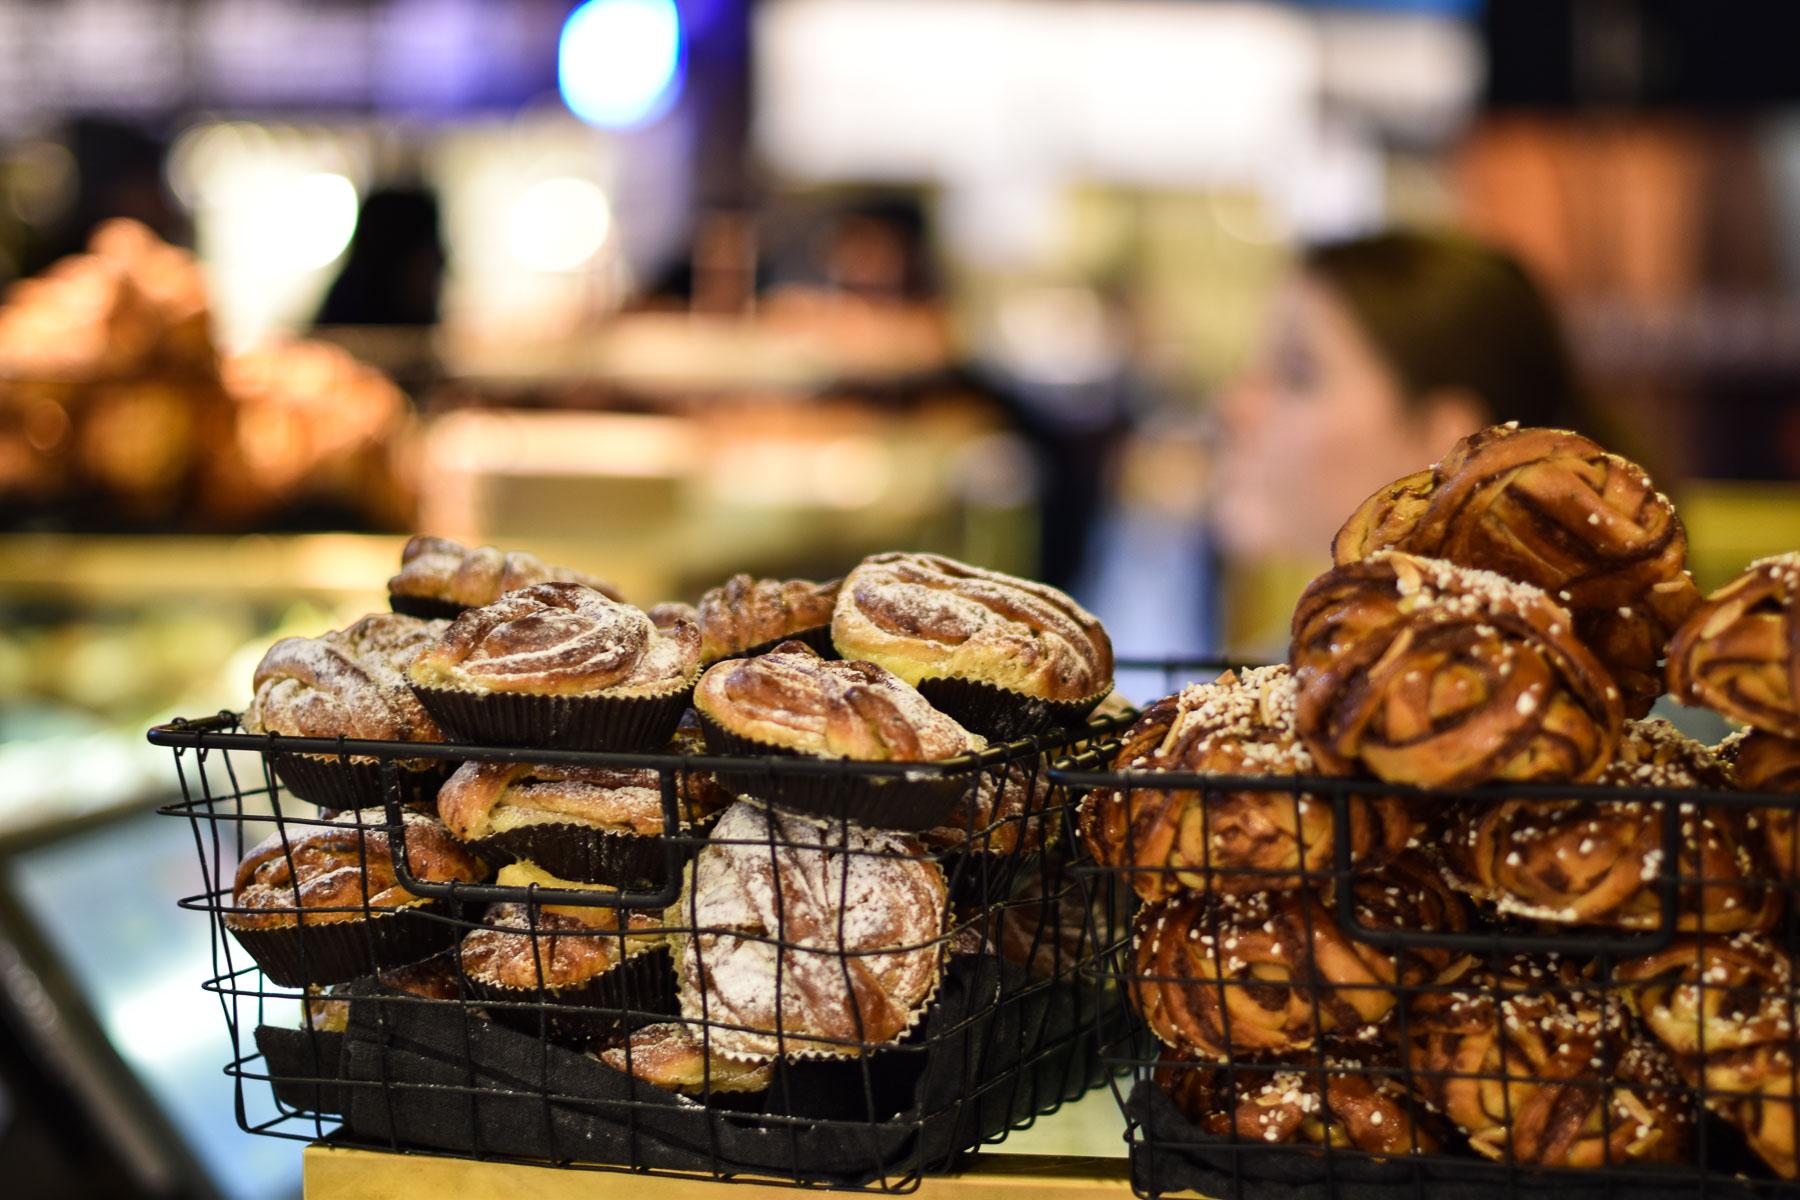 Pysähdy ostosten lomassa pullakahville eli Fikalle shoppaillessasi Tukholmassa. Kuva: ©Soile Vauhkonen